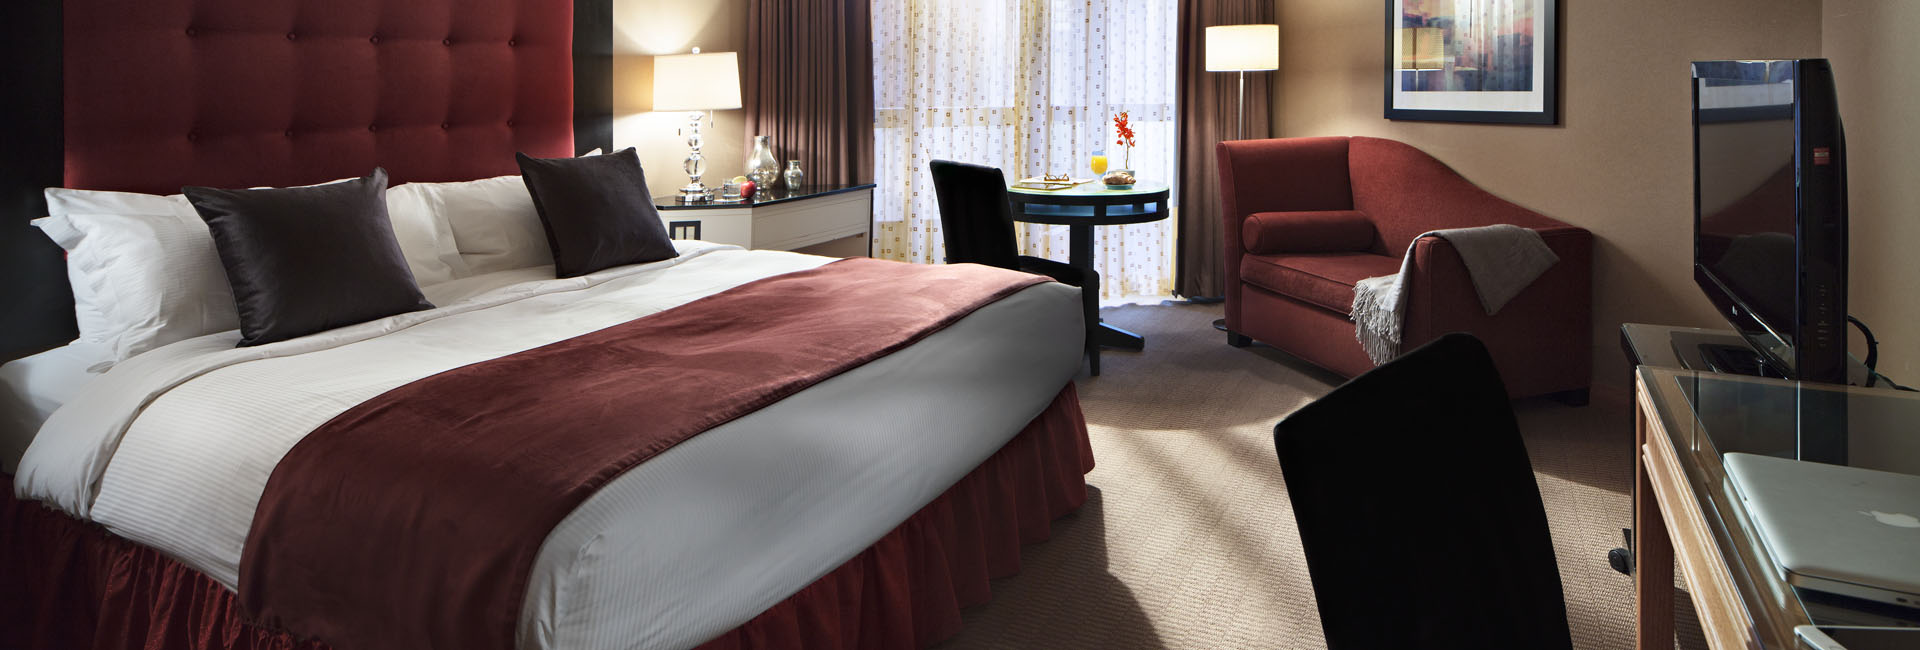 Afbeeldingsresultaat voor metropolitan vancouver hotel